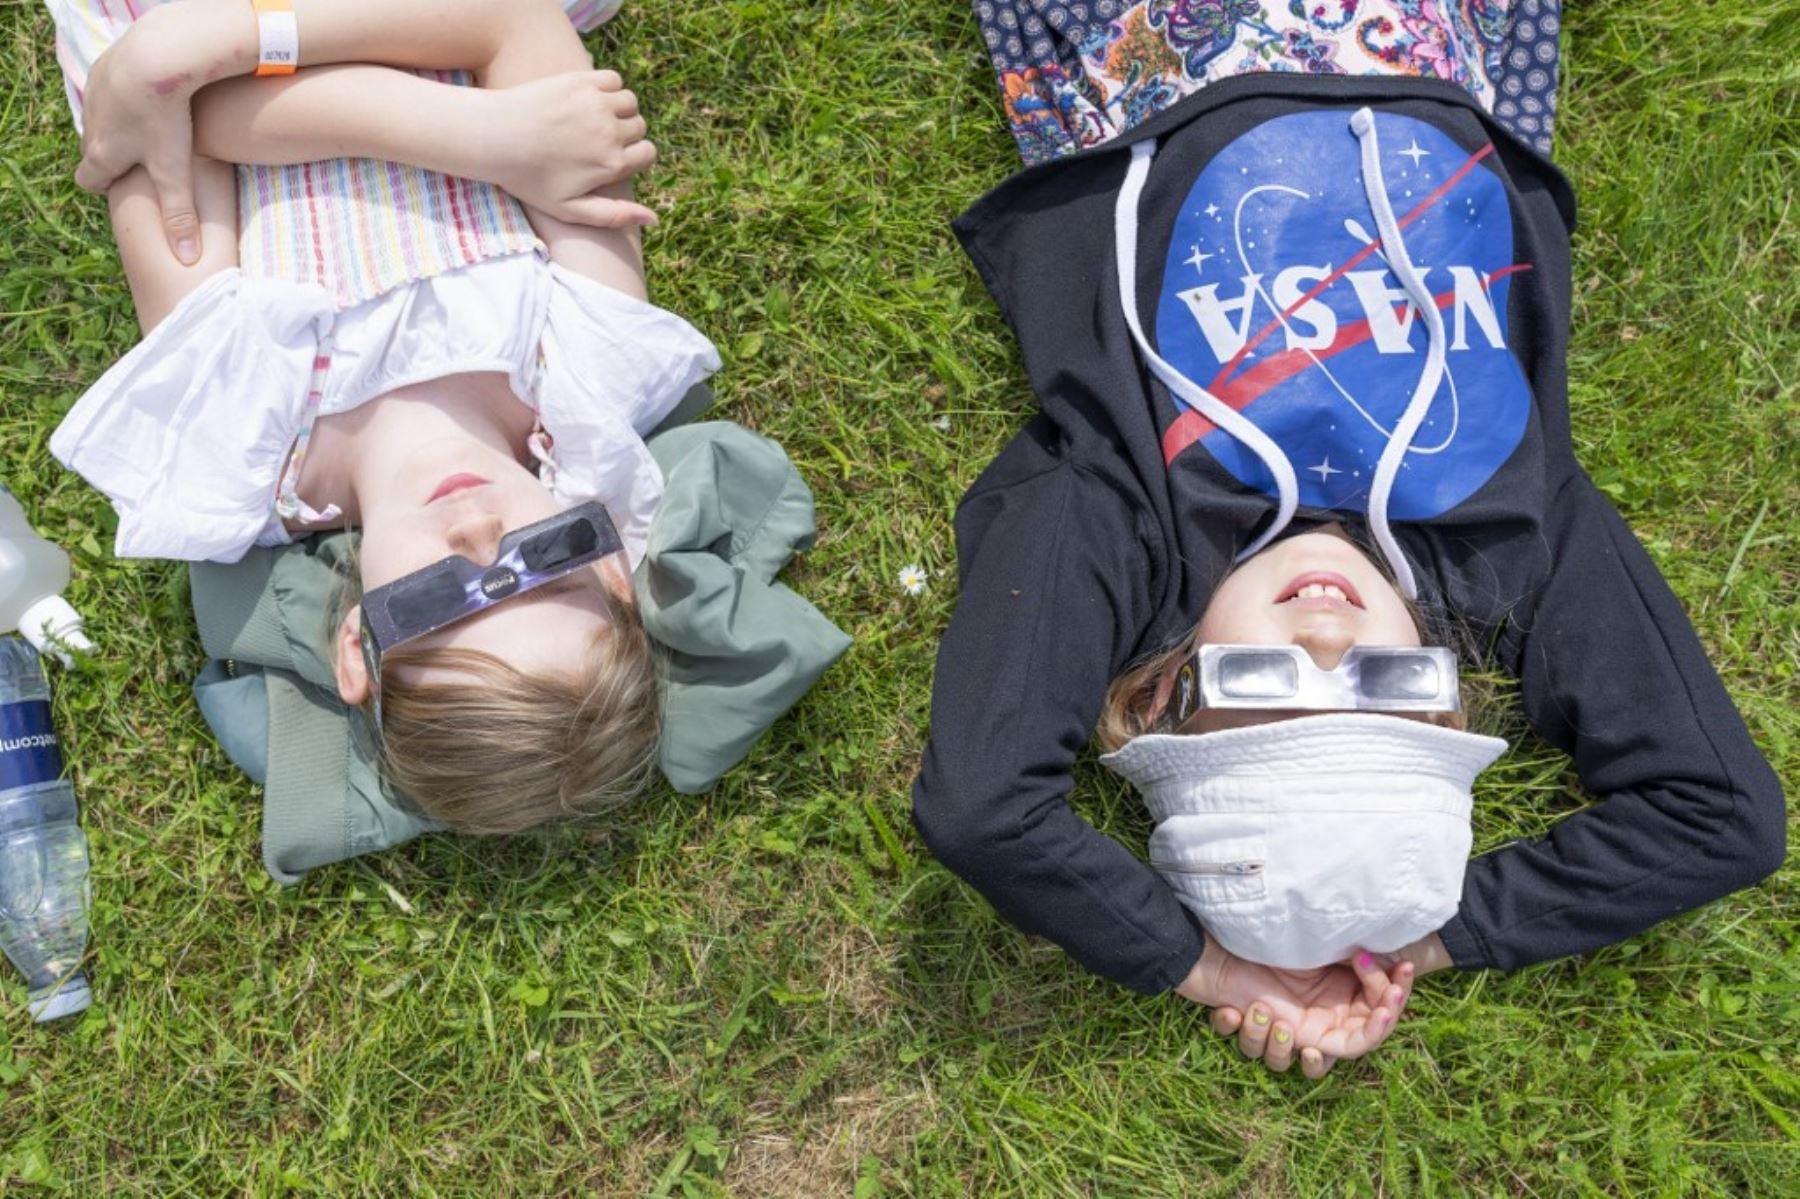 Los niños se acuestan en el césped y miran a través de lentes esperando el eclipse solar parcial en el Observatorio Brorfelde en Tollose, Dinamarca, el 10 de junio de 2021. Foto: AFP